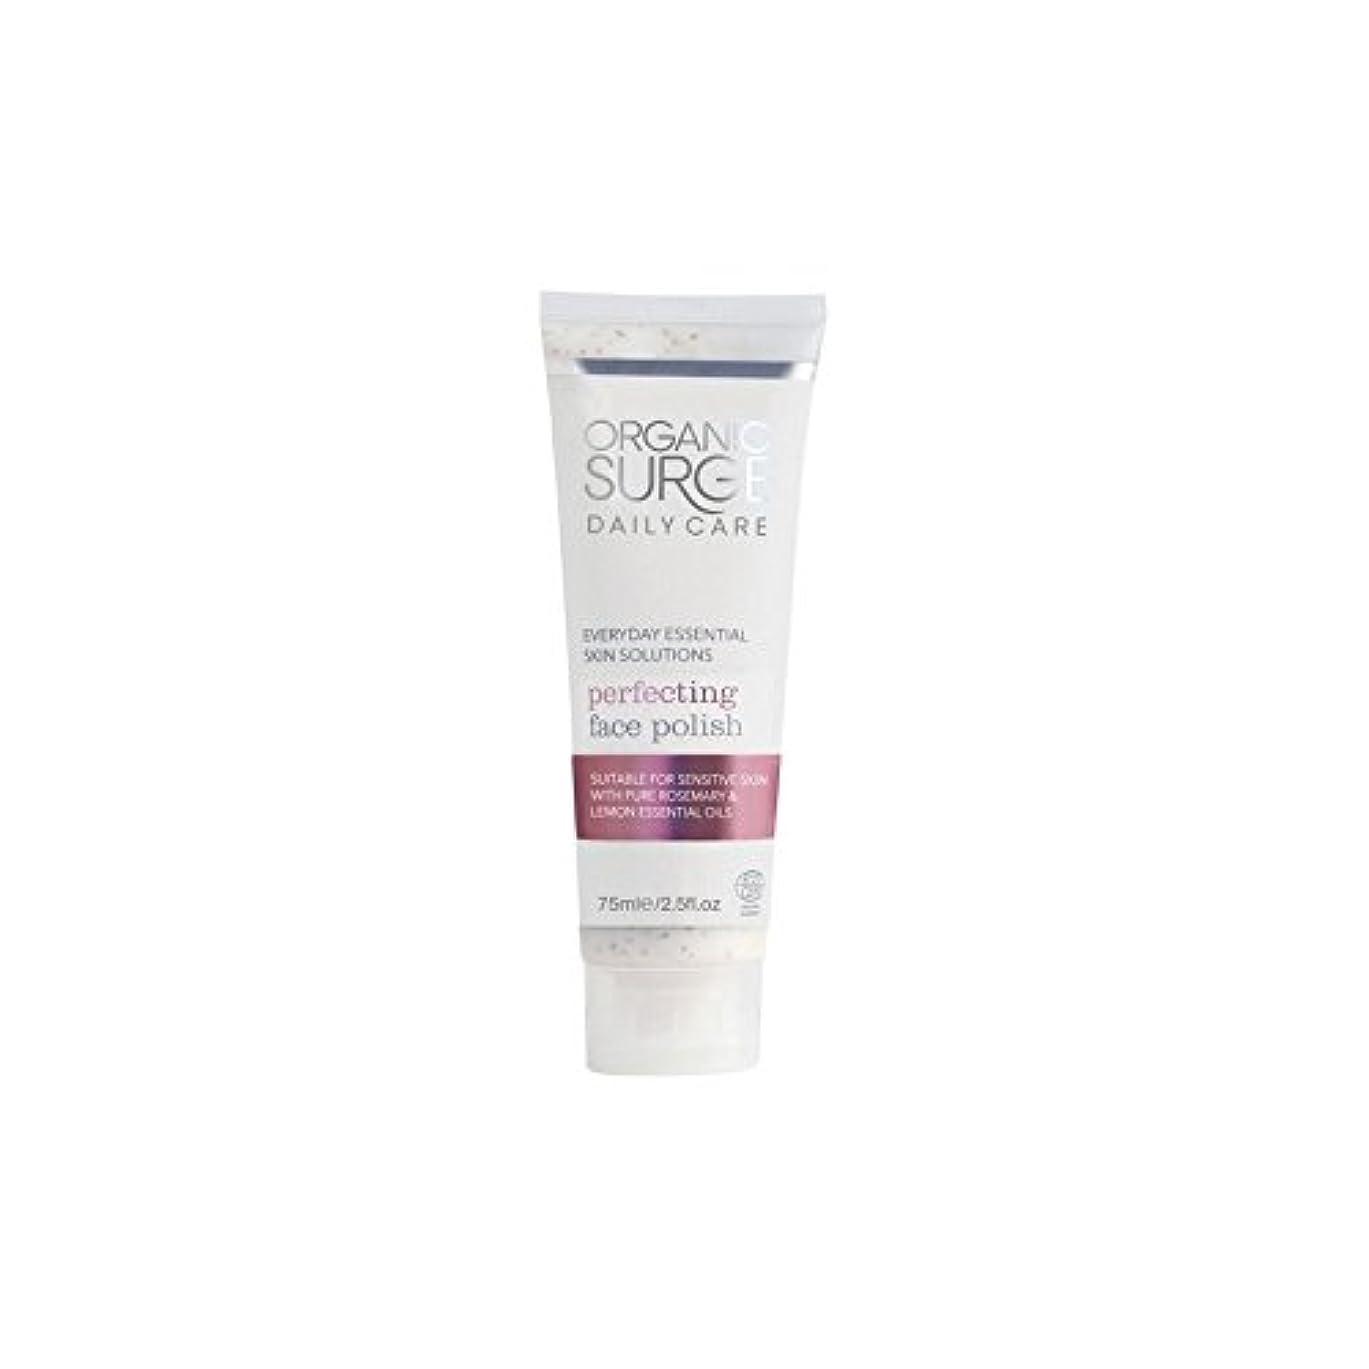 放射する緊張並外れて面研磨を完成有機サージ毎日のケア(75ミリリットル) x4 - Organic Surge Daily Care Perfecting Face Polish (75ml) (Pack of 4) [並行輸入品]